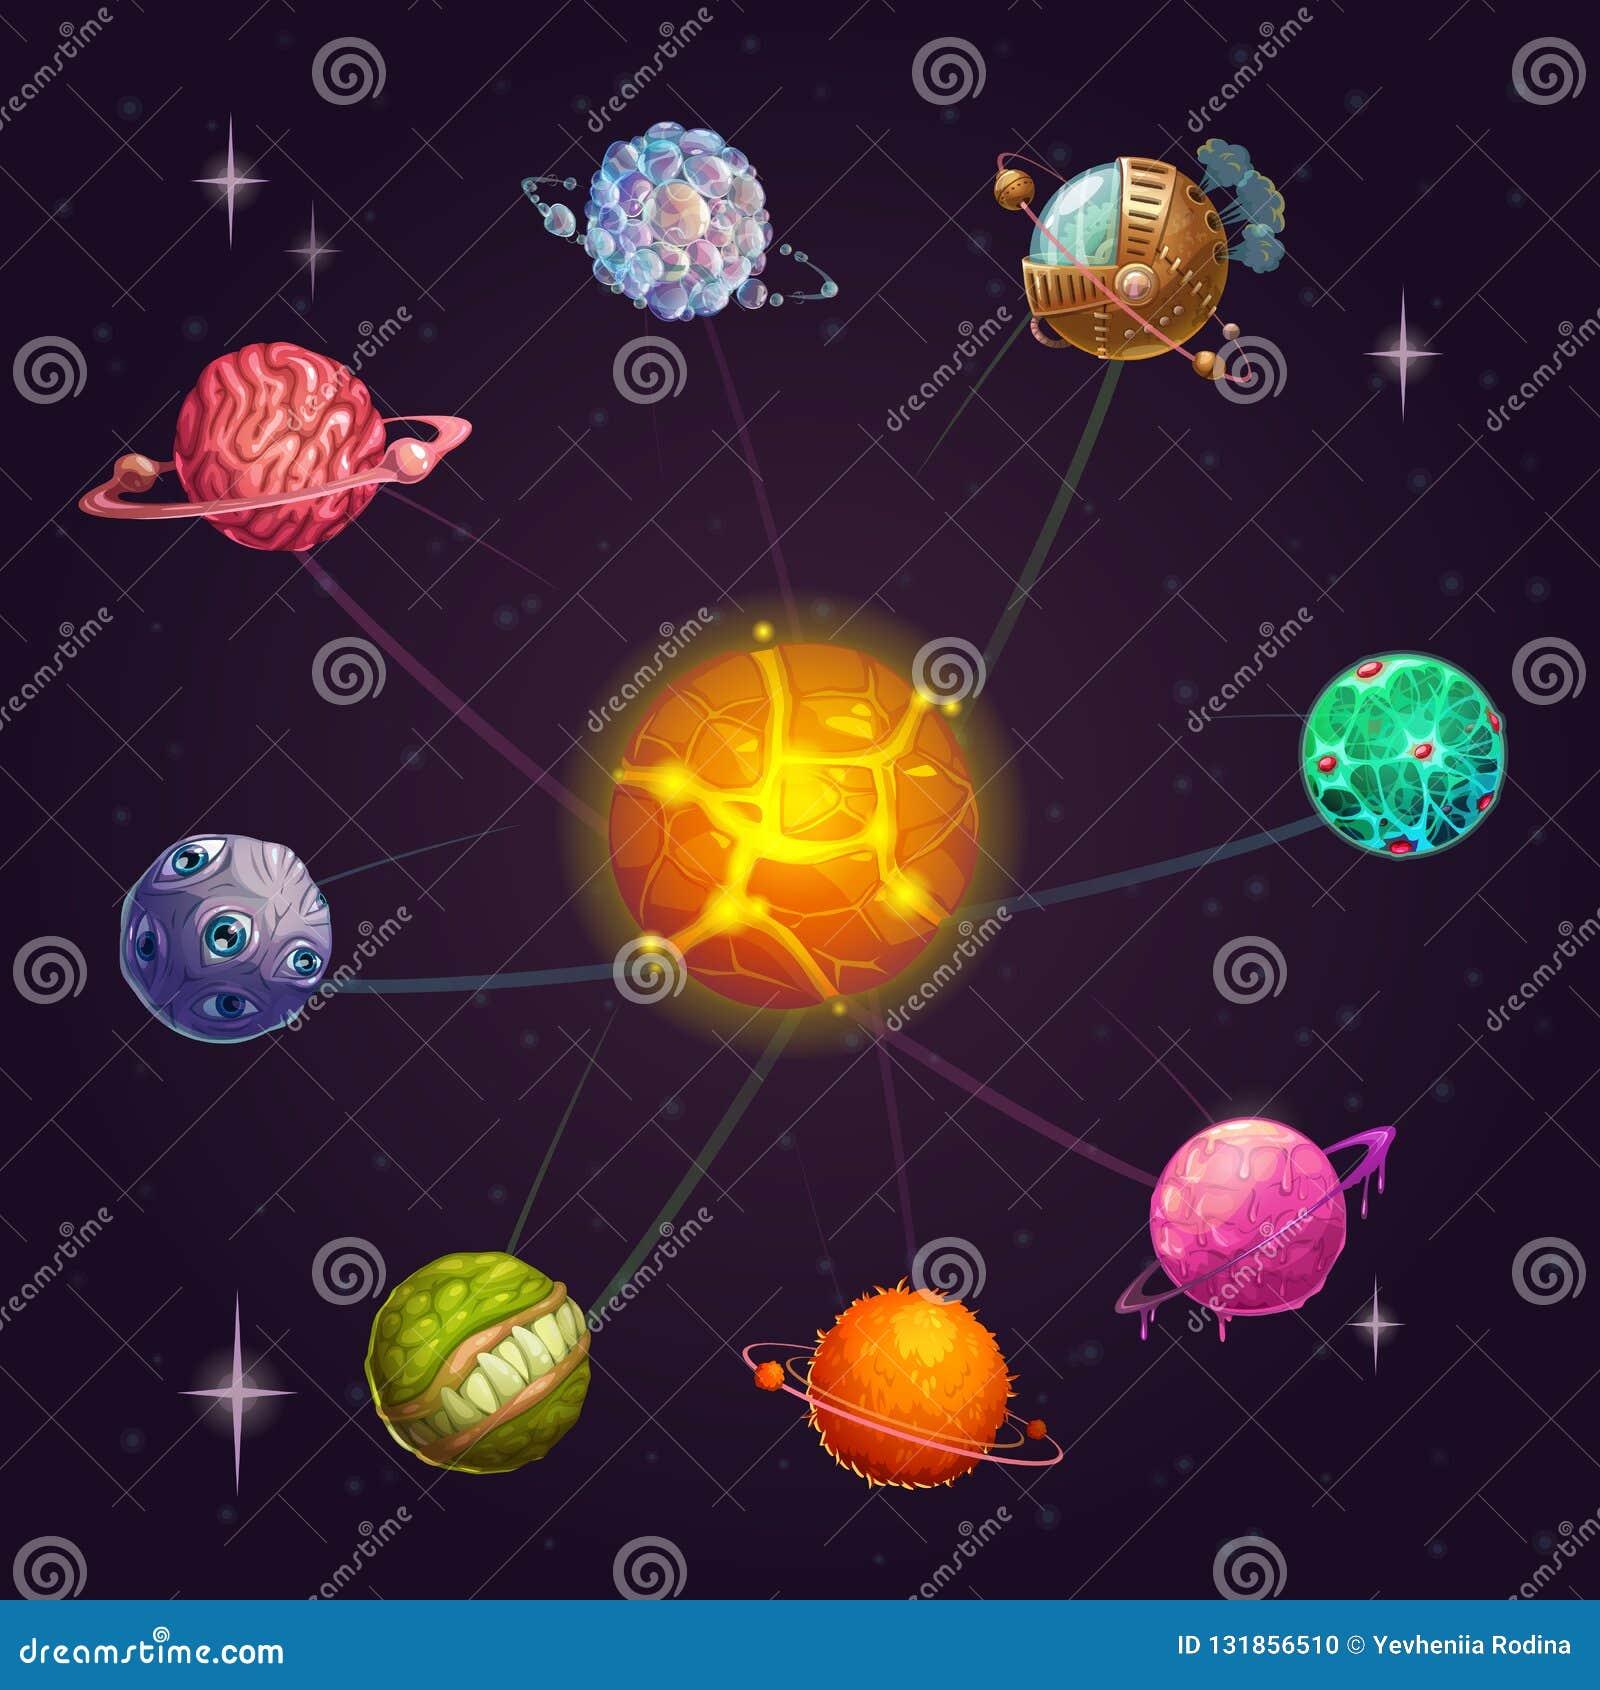 Sistema solar estrangeiro da fantasia com estrela e os planetas incomuns Ilustração do espaço de vetor